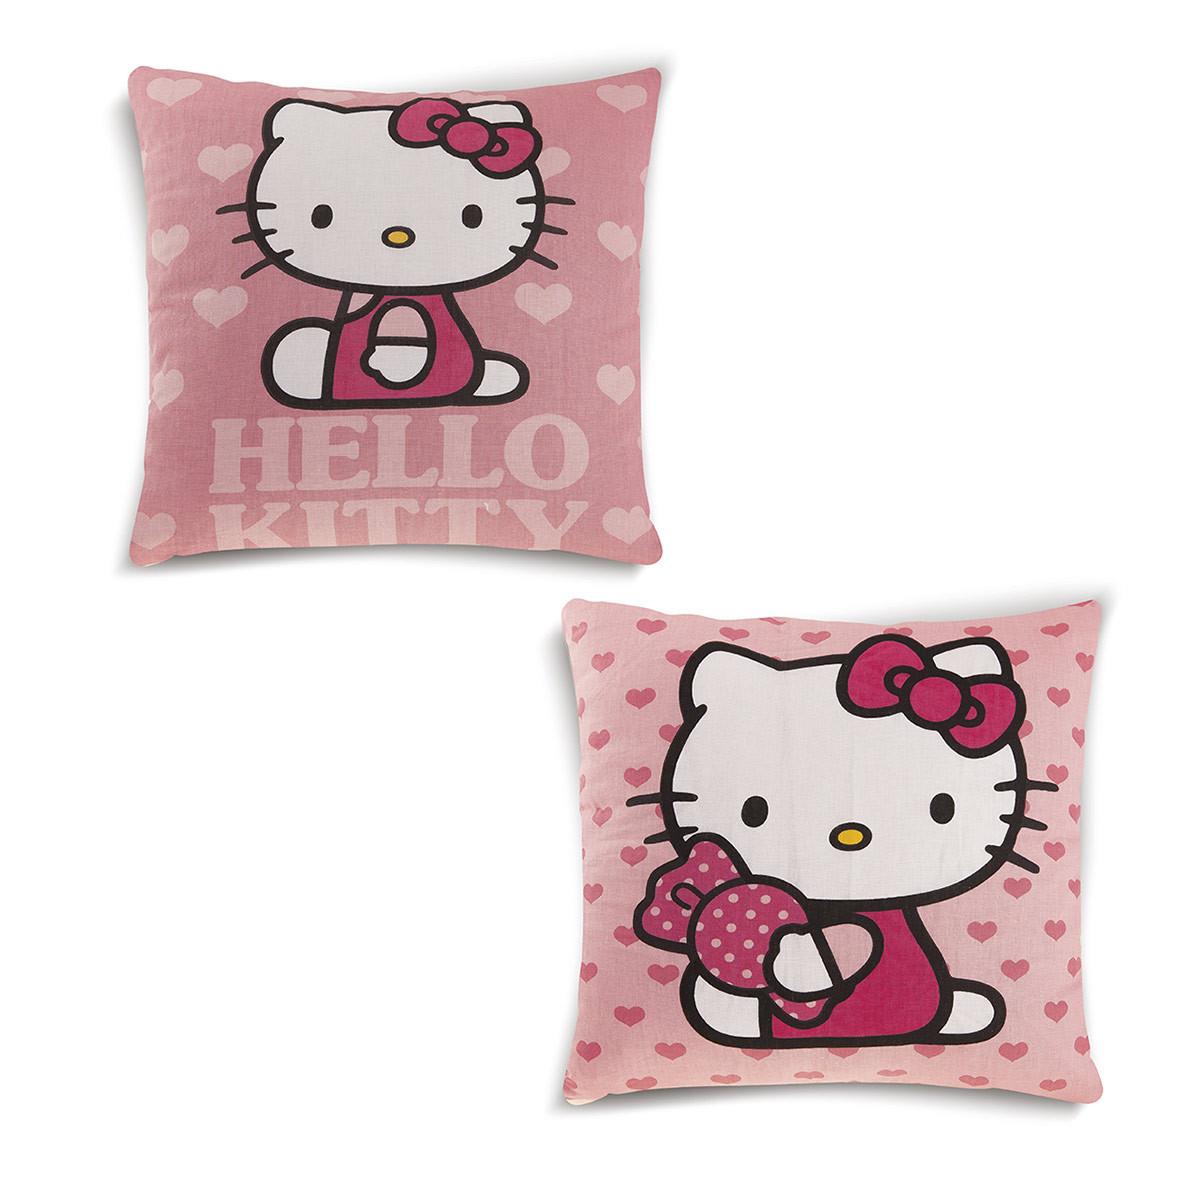 Διακοσμητικό Μαξιλάρι 2 Όψεων (40×40) DimCol Hello Kitty 01